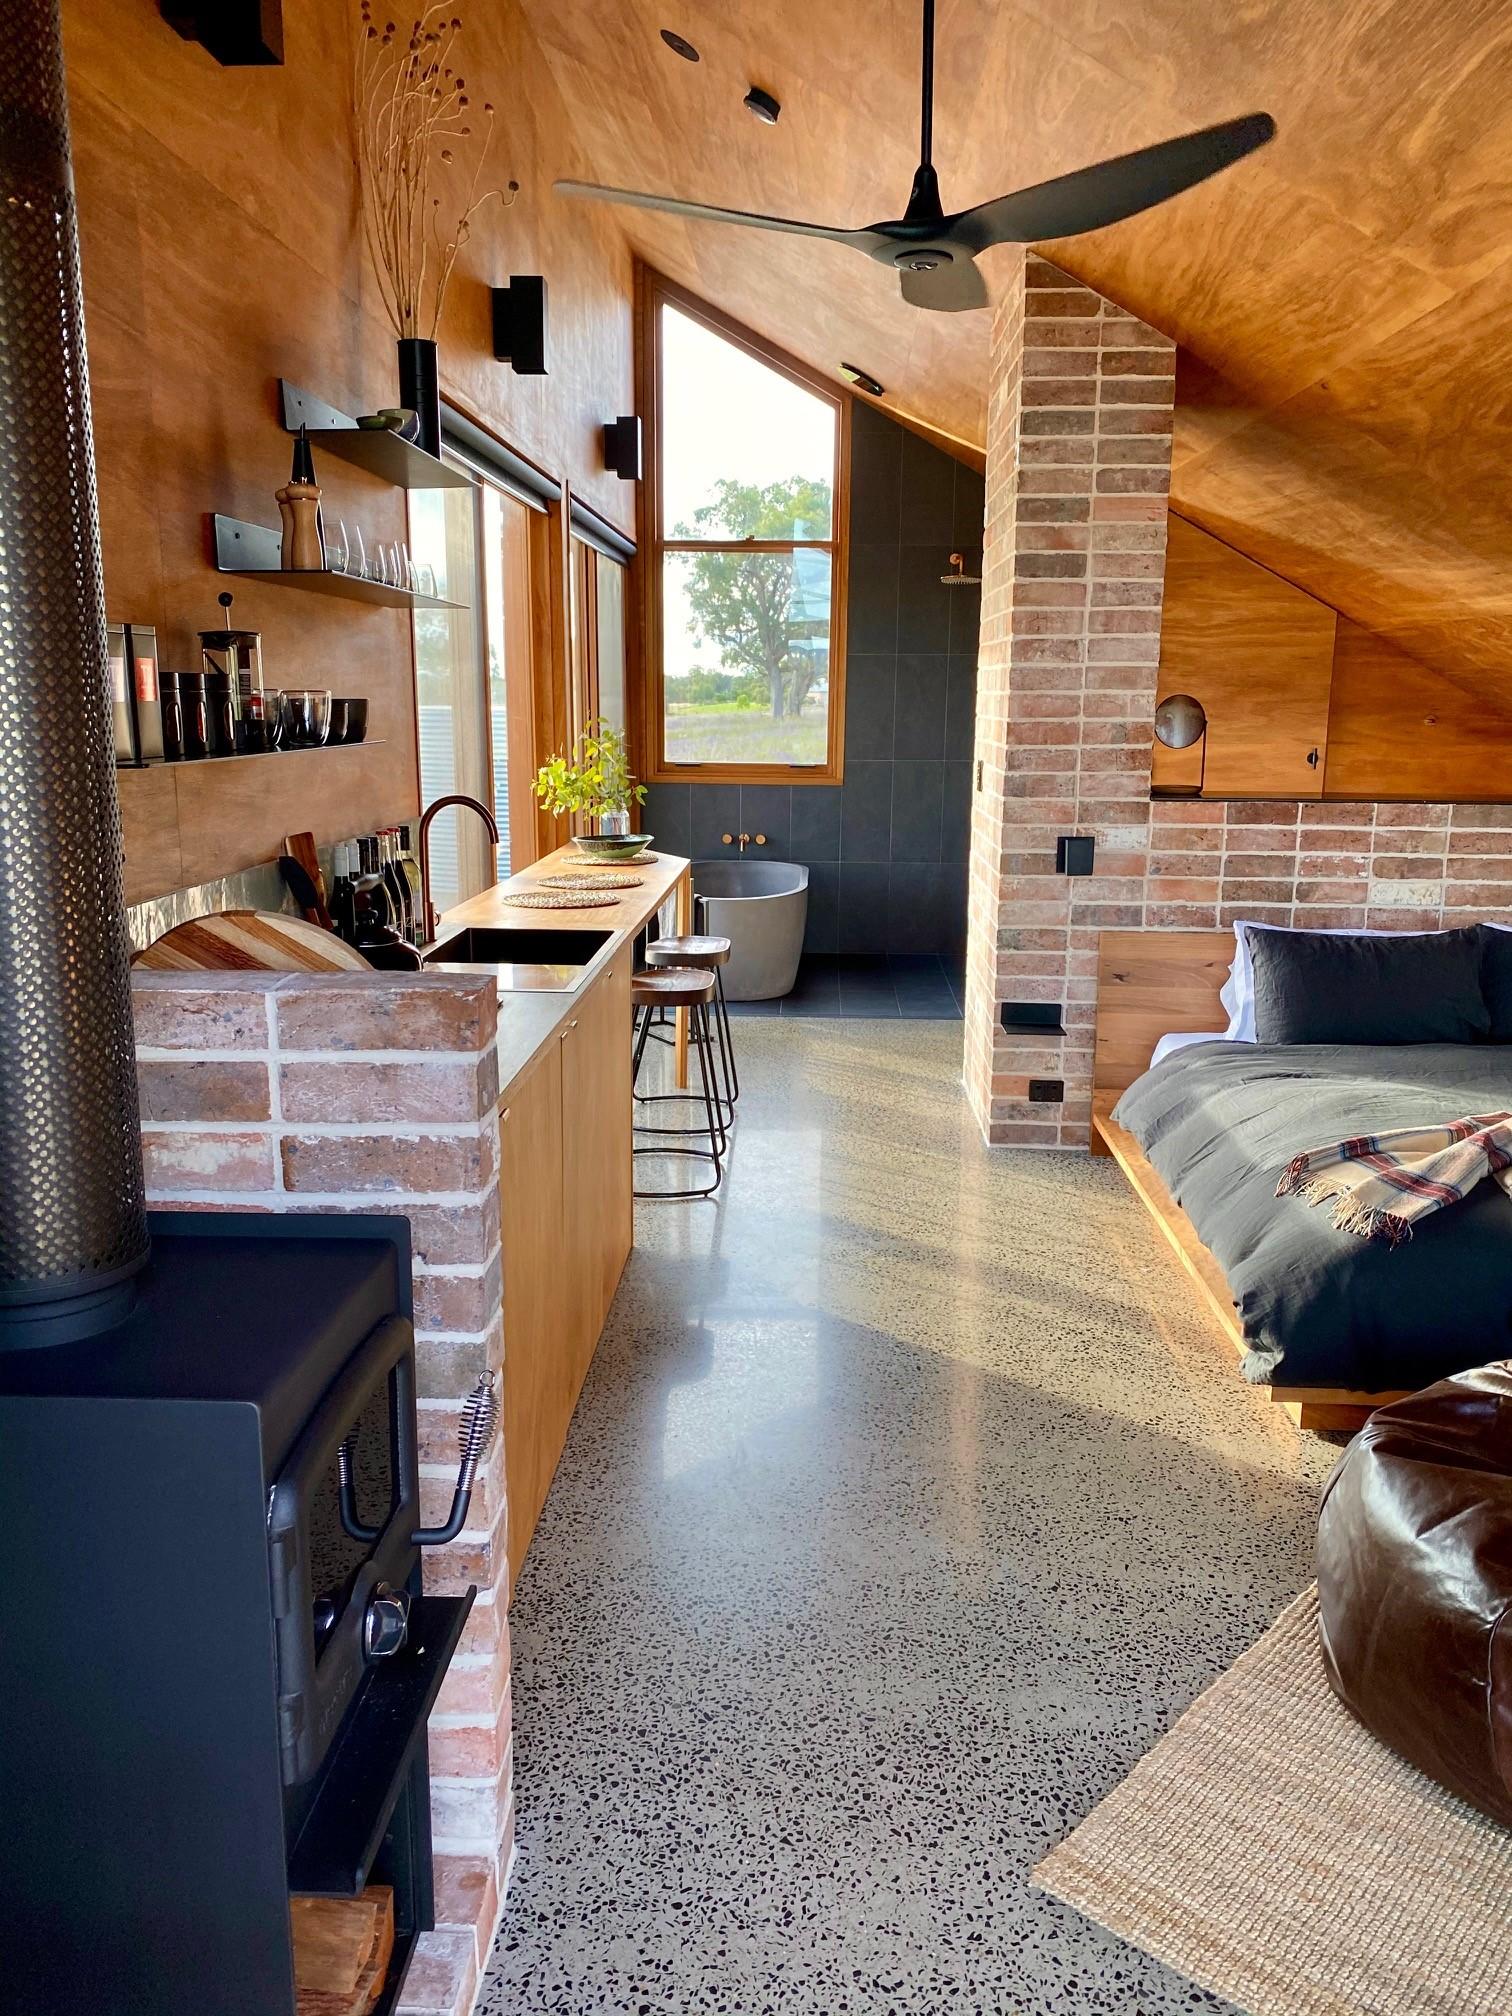 Luxury Accommodation Mudgee -  Gawthorne's Hut - Giddy Guest